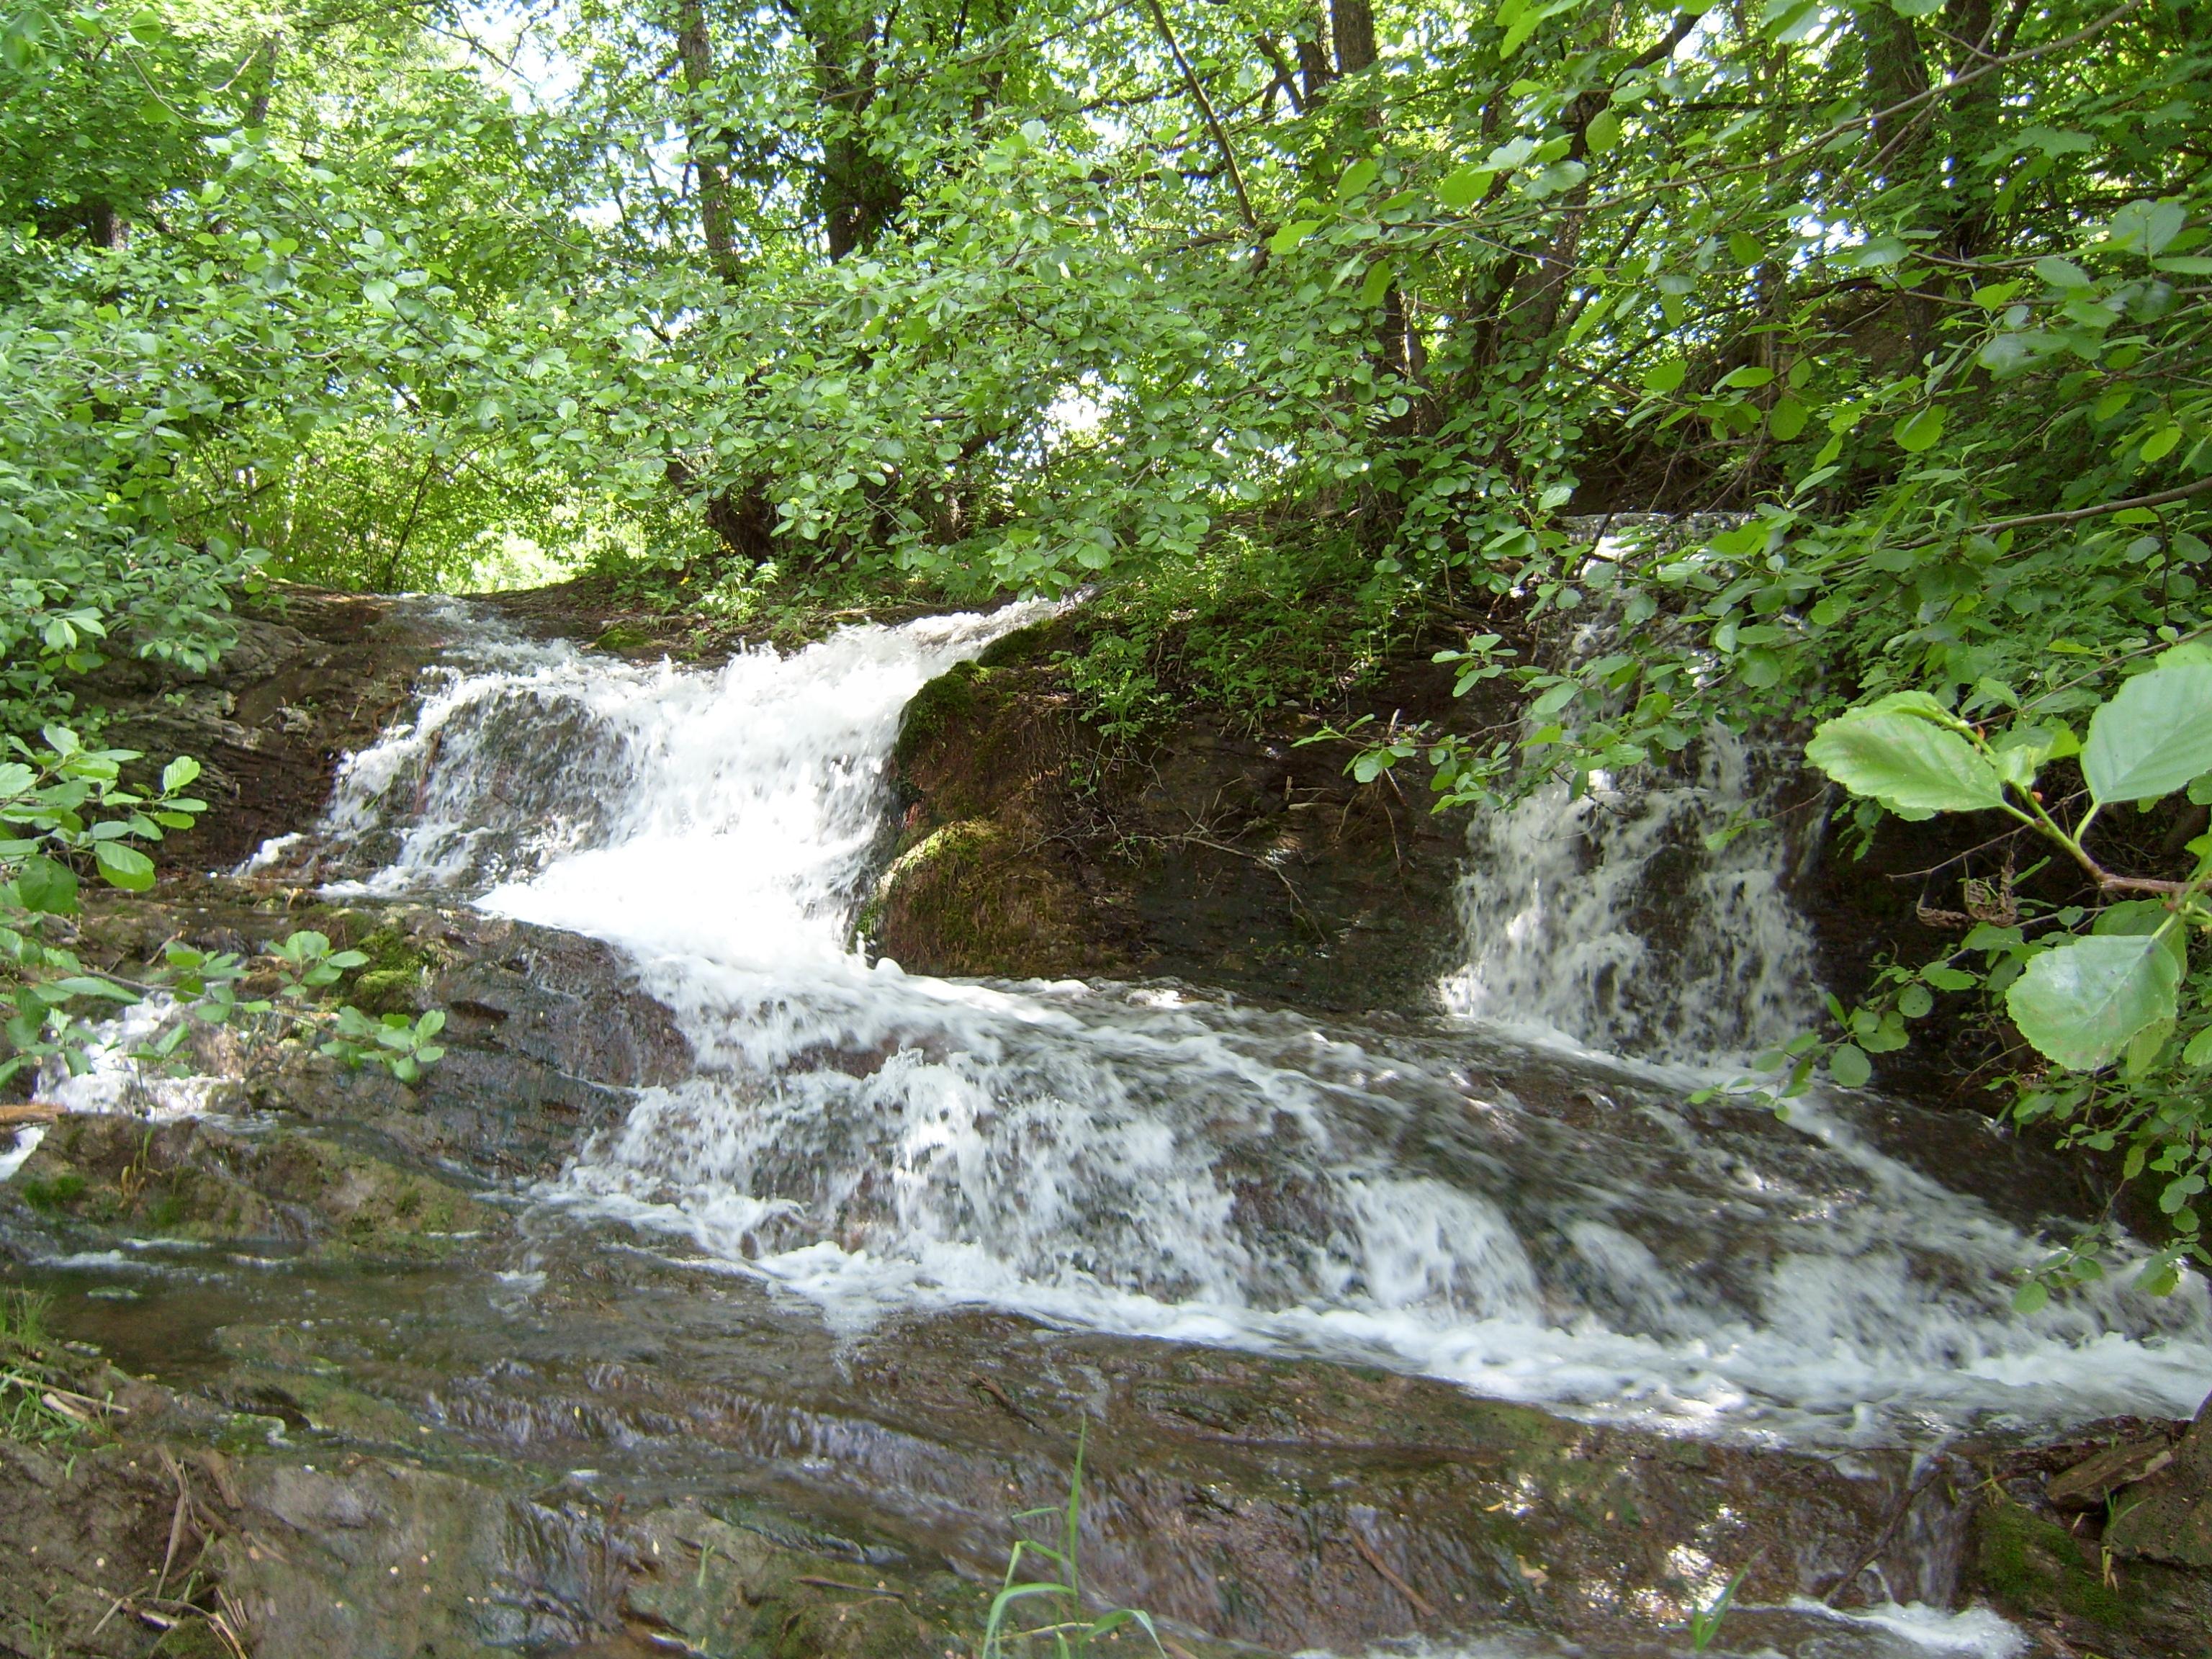 Водопад Драгонский. п. Ивановка, Антрацитовский  район, Луганская область.